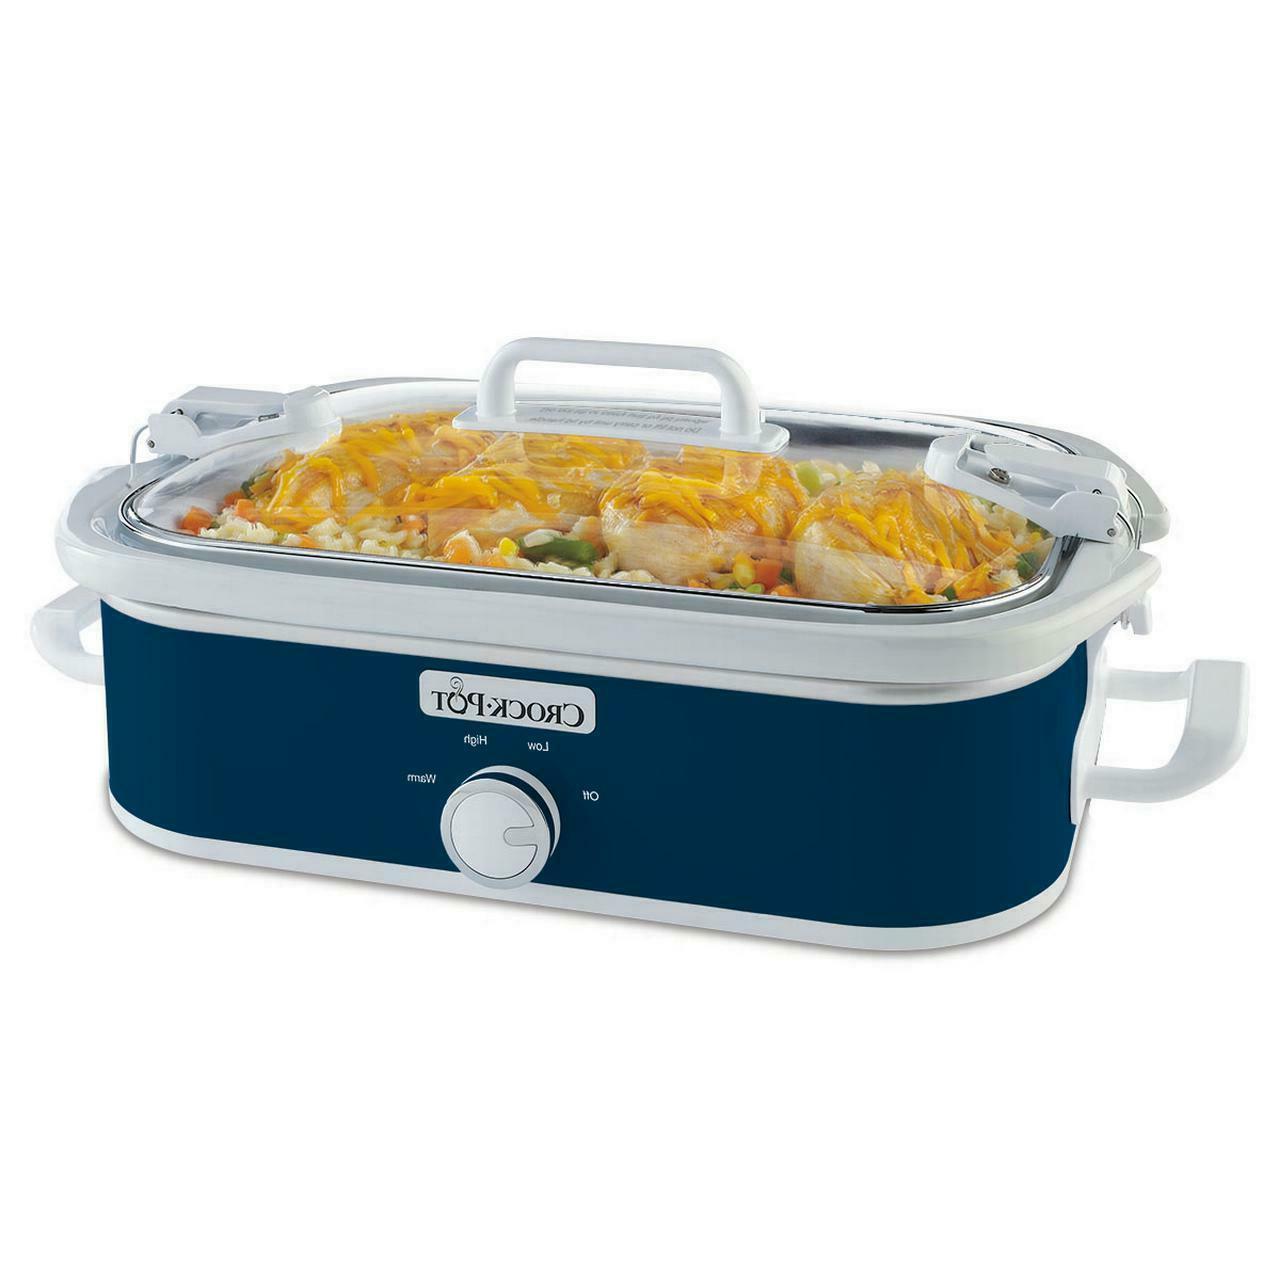 Crock-Pot 3.5 Quart Casserole Midnight Blue Slow Cooker, Din